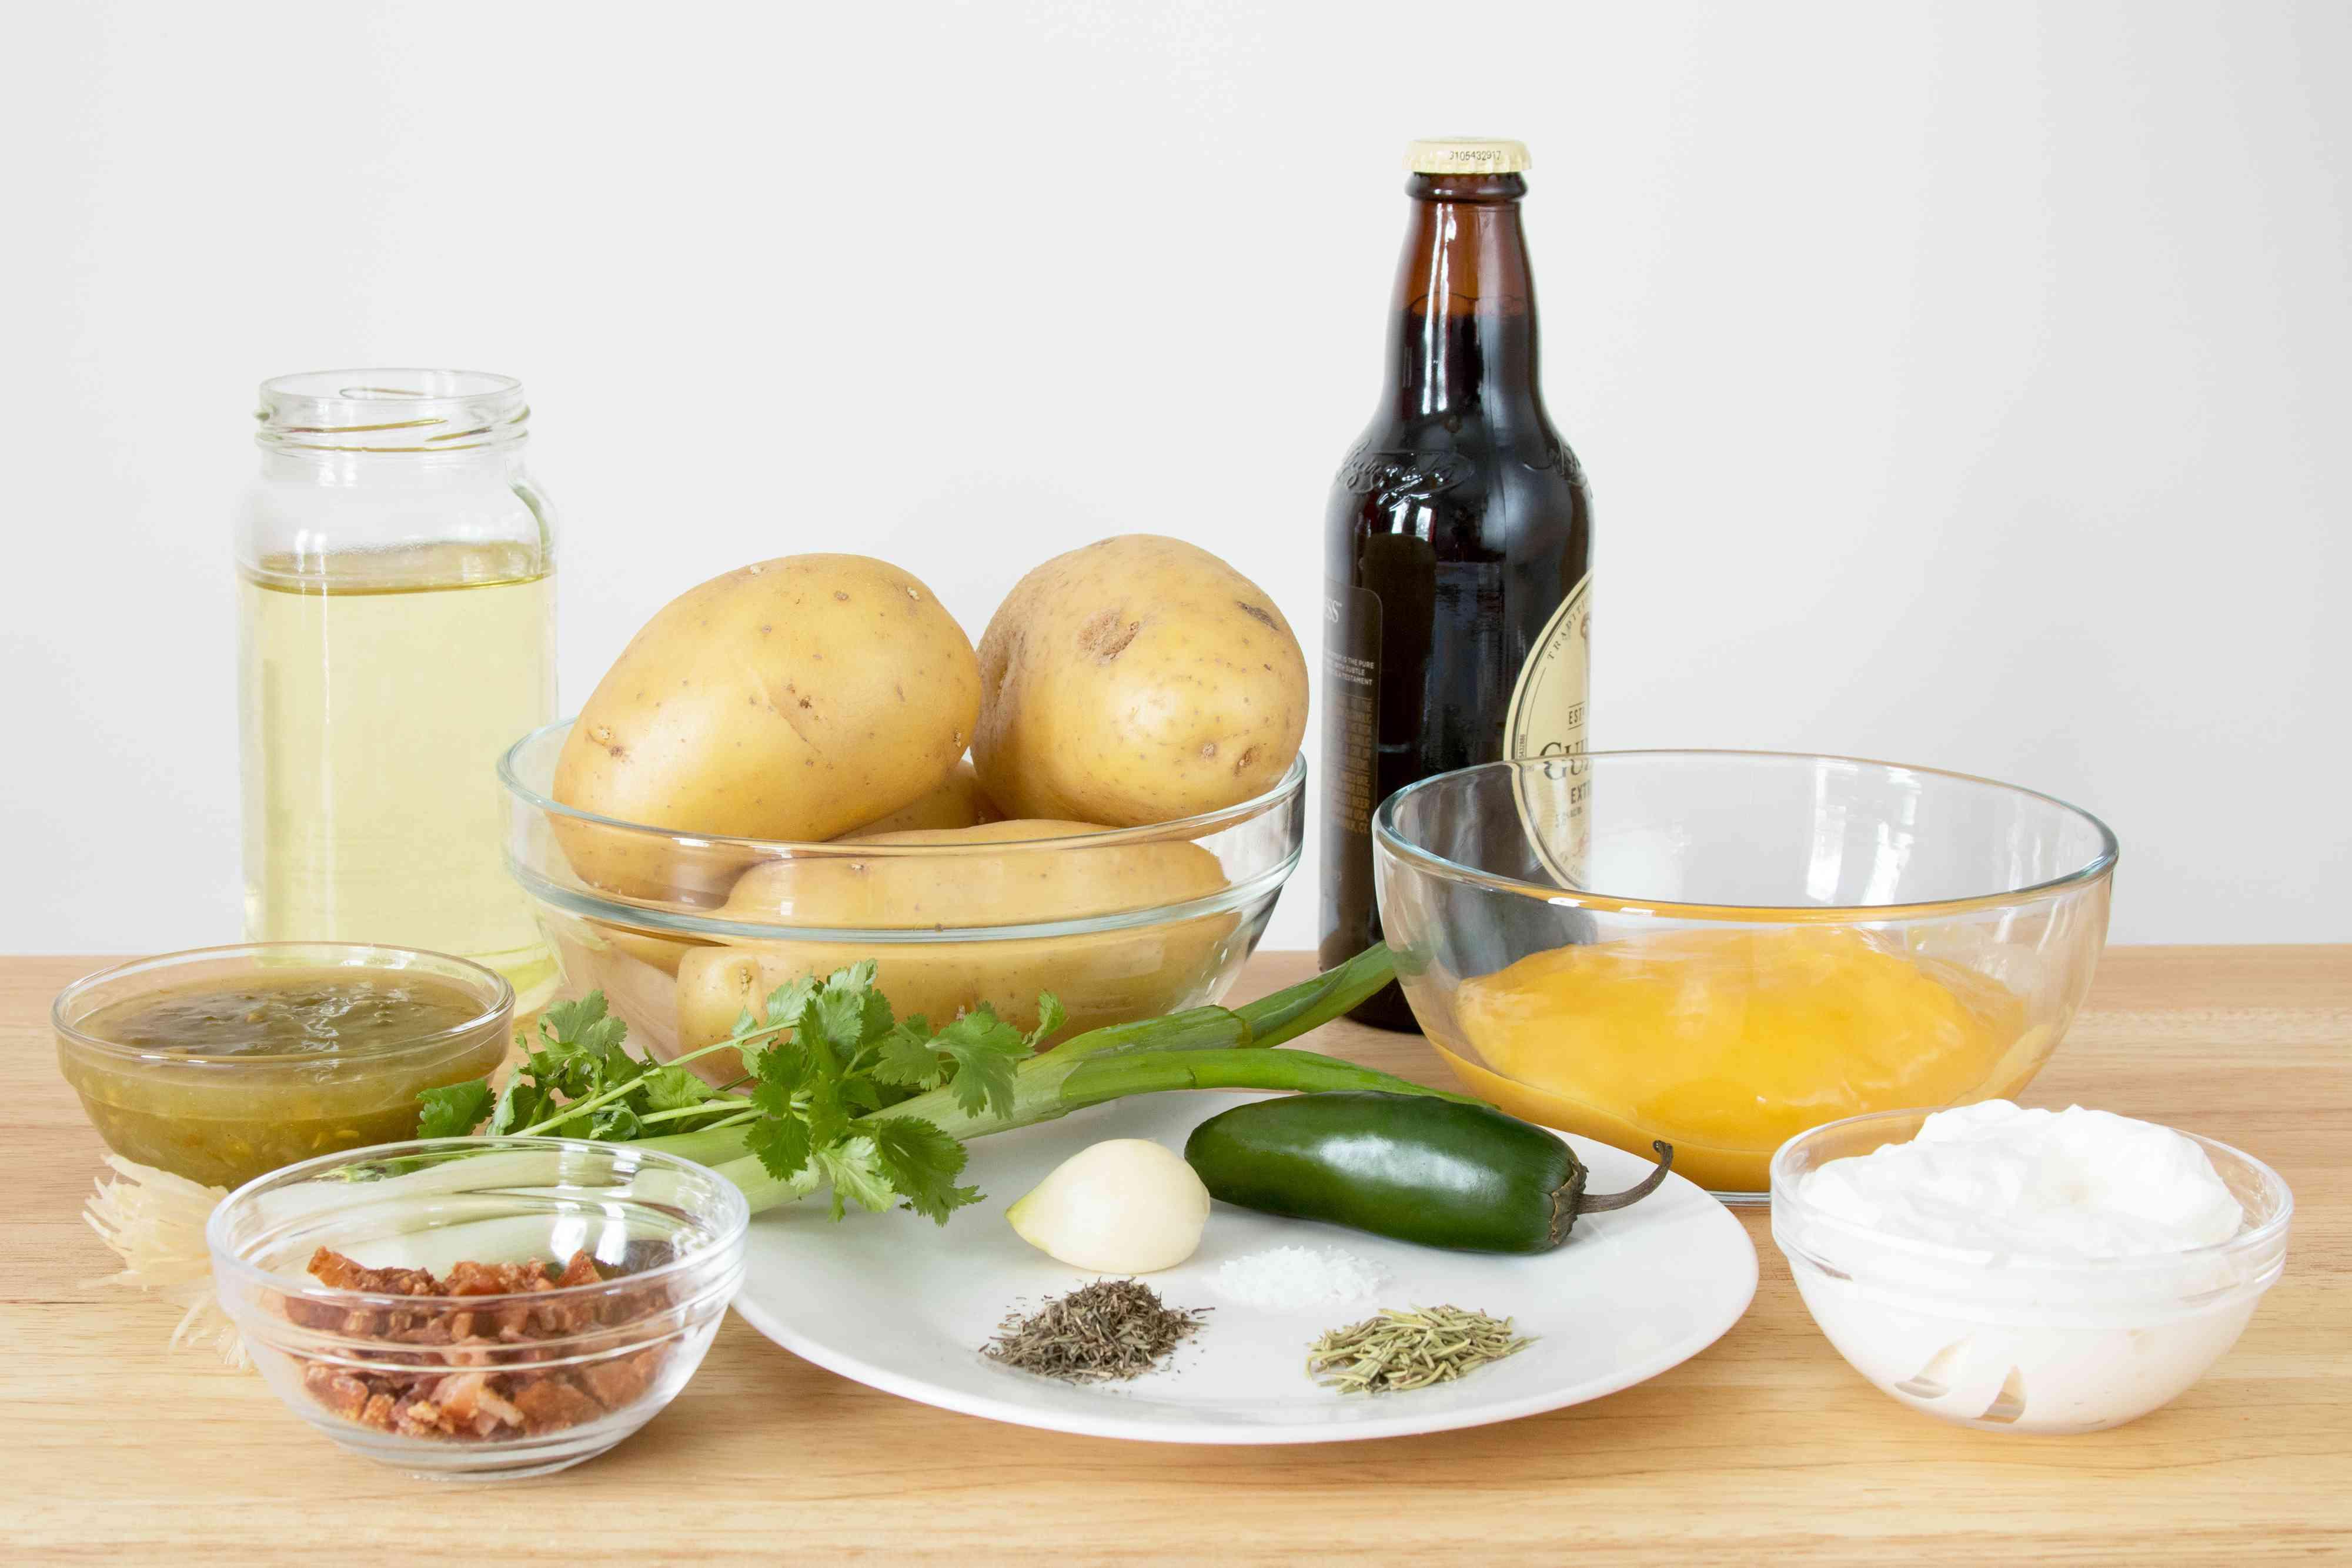 Ingredients for Irish Nachos